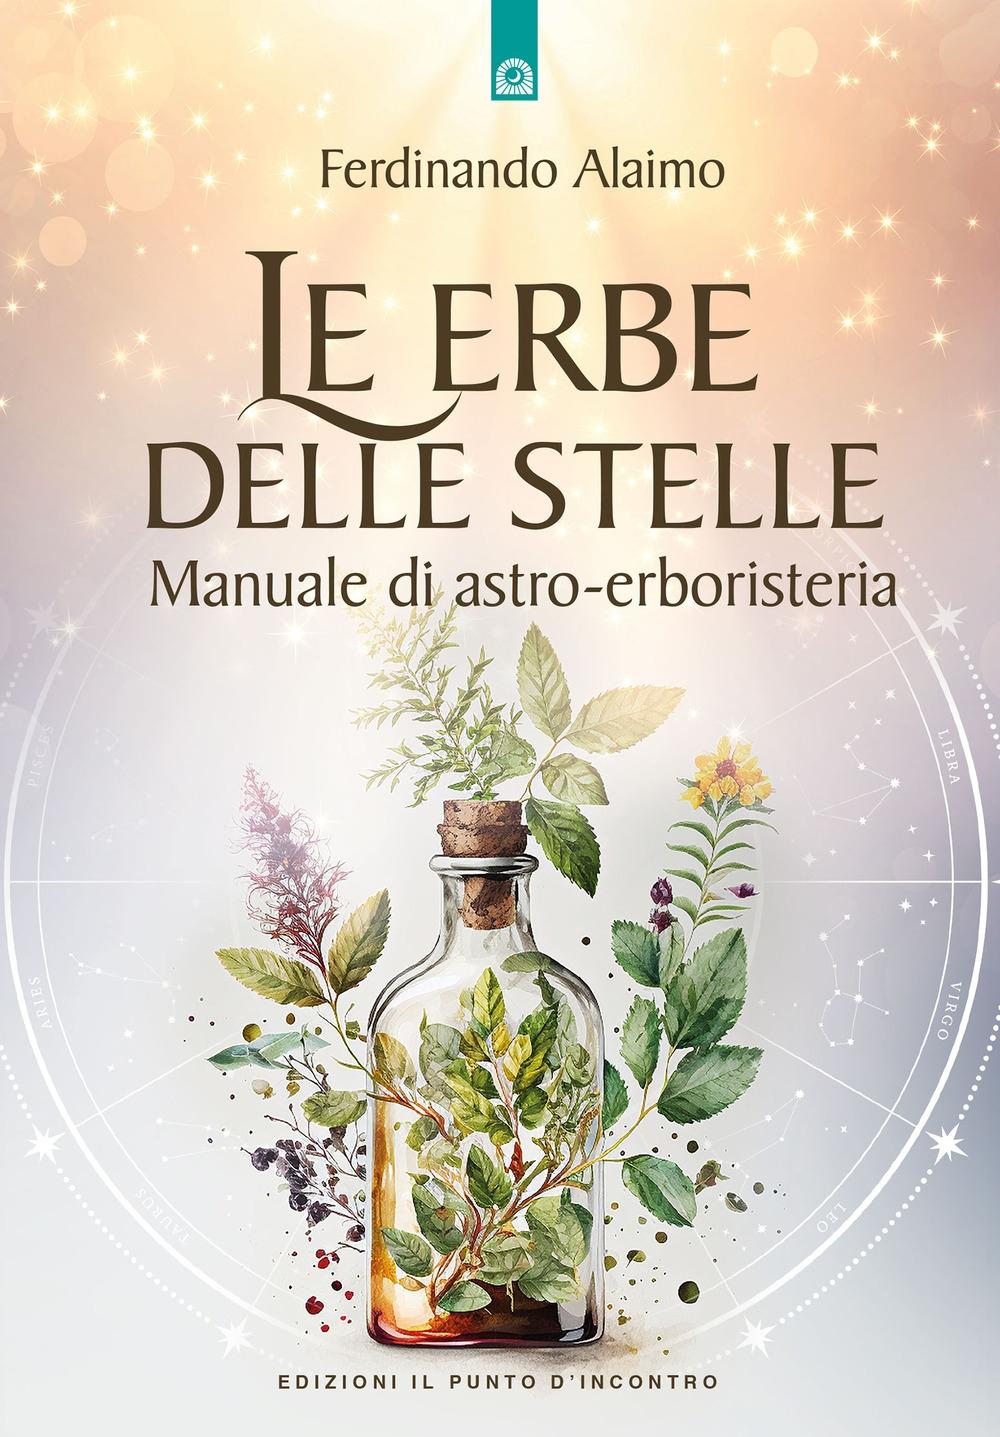 Le erbe delle stelle. Manuale di astro-erboristeria